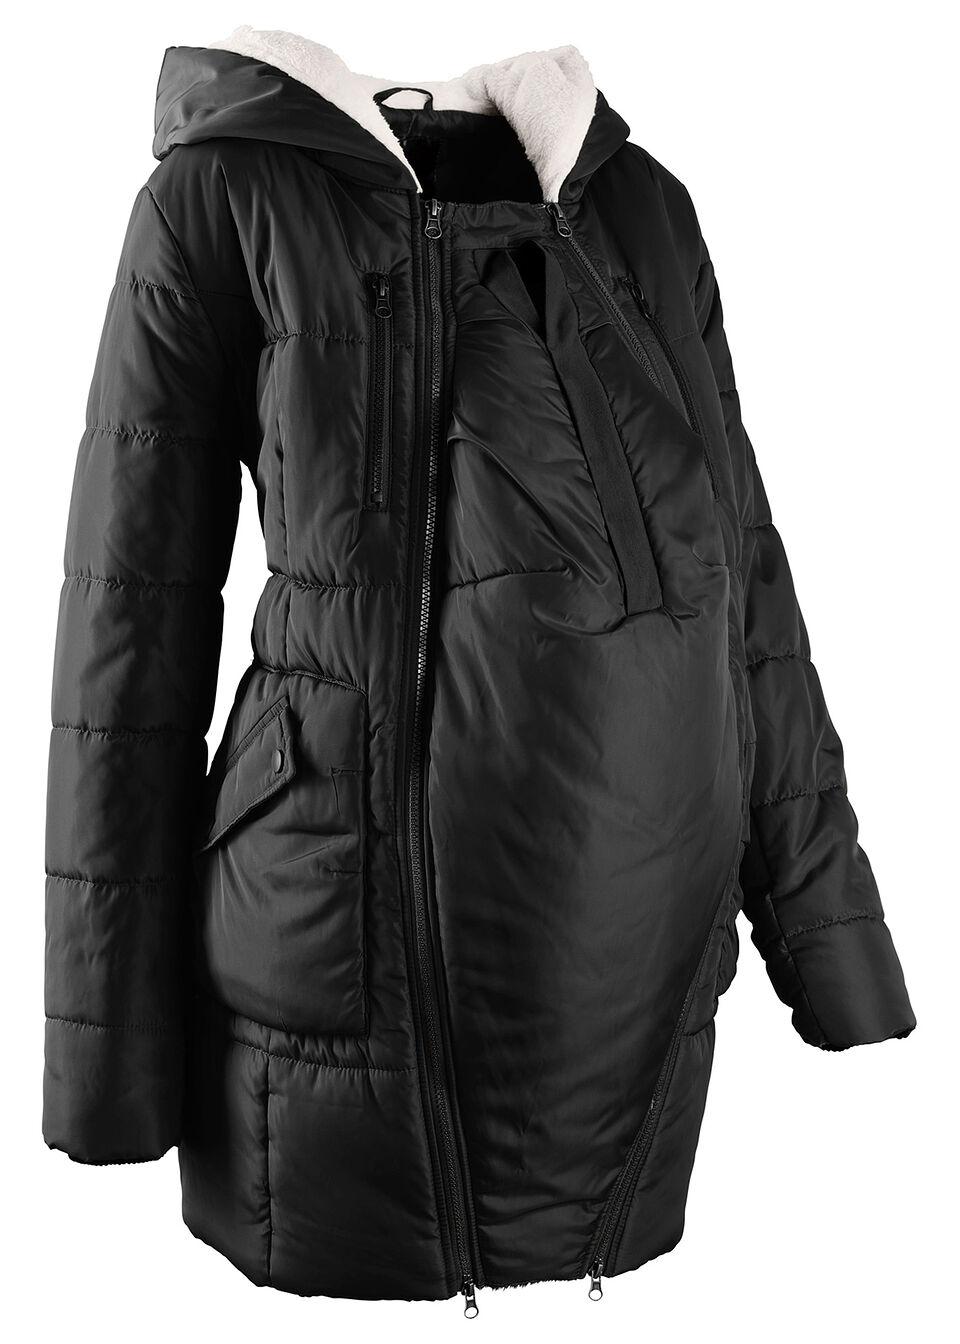 Купить Куртки и плащи, Куртка с подкладкой и карманом-вкладкой для малыша, bonprix, черный